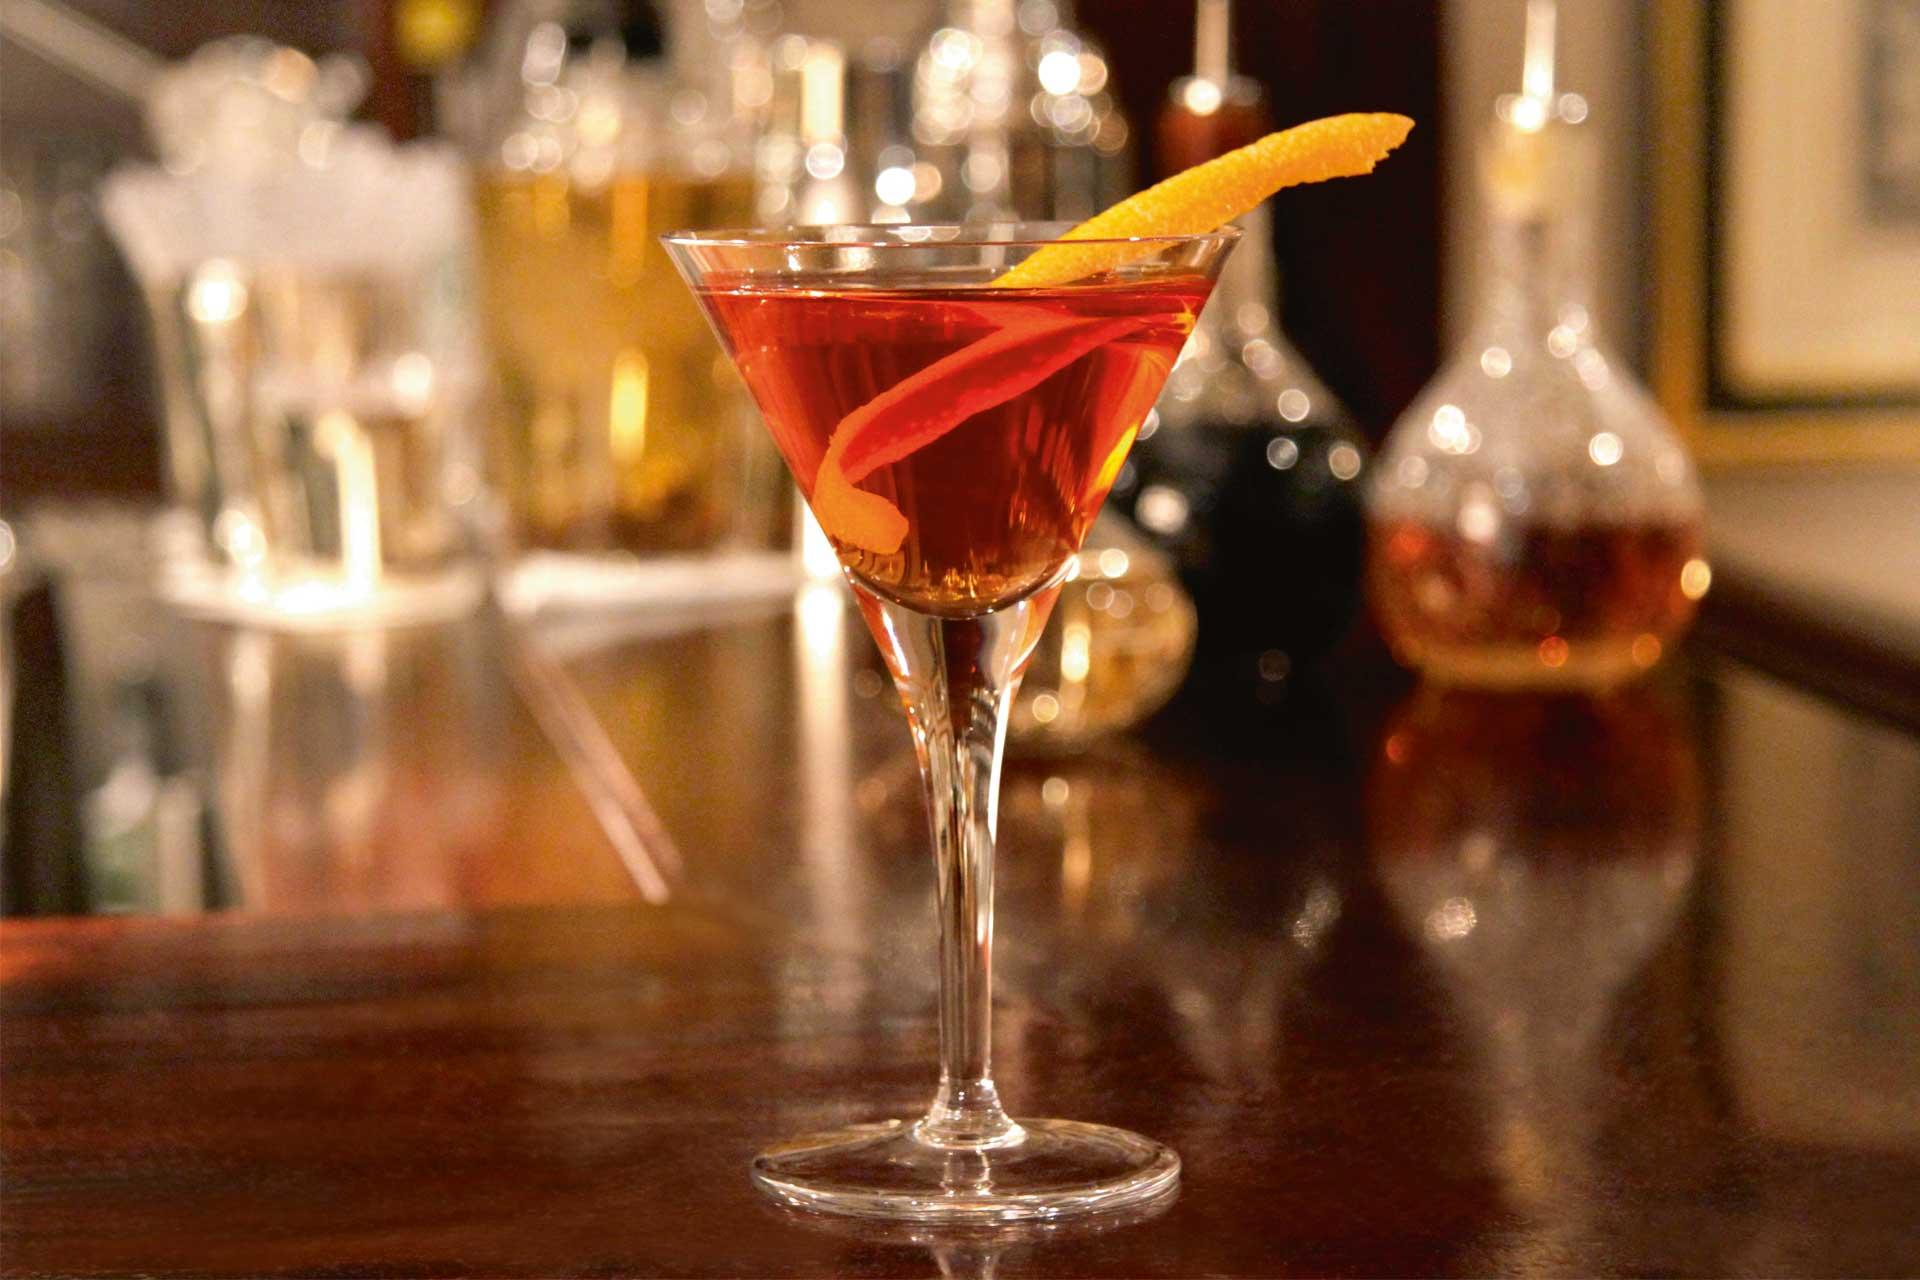 The Dukes Vesper Martini is inspired by James Bond